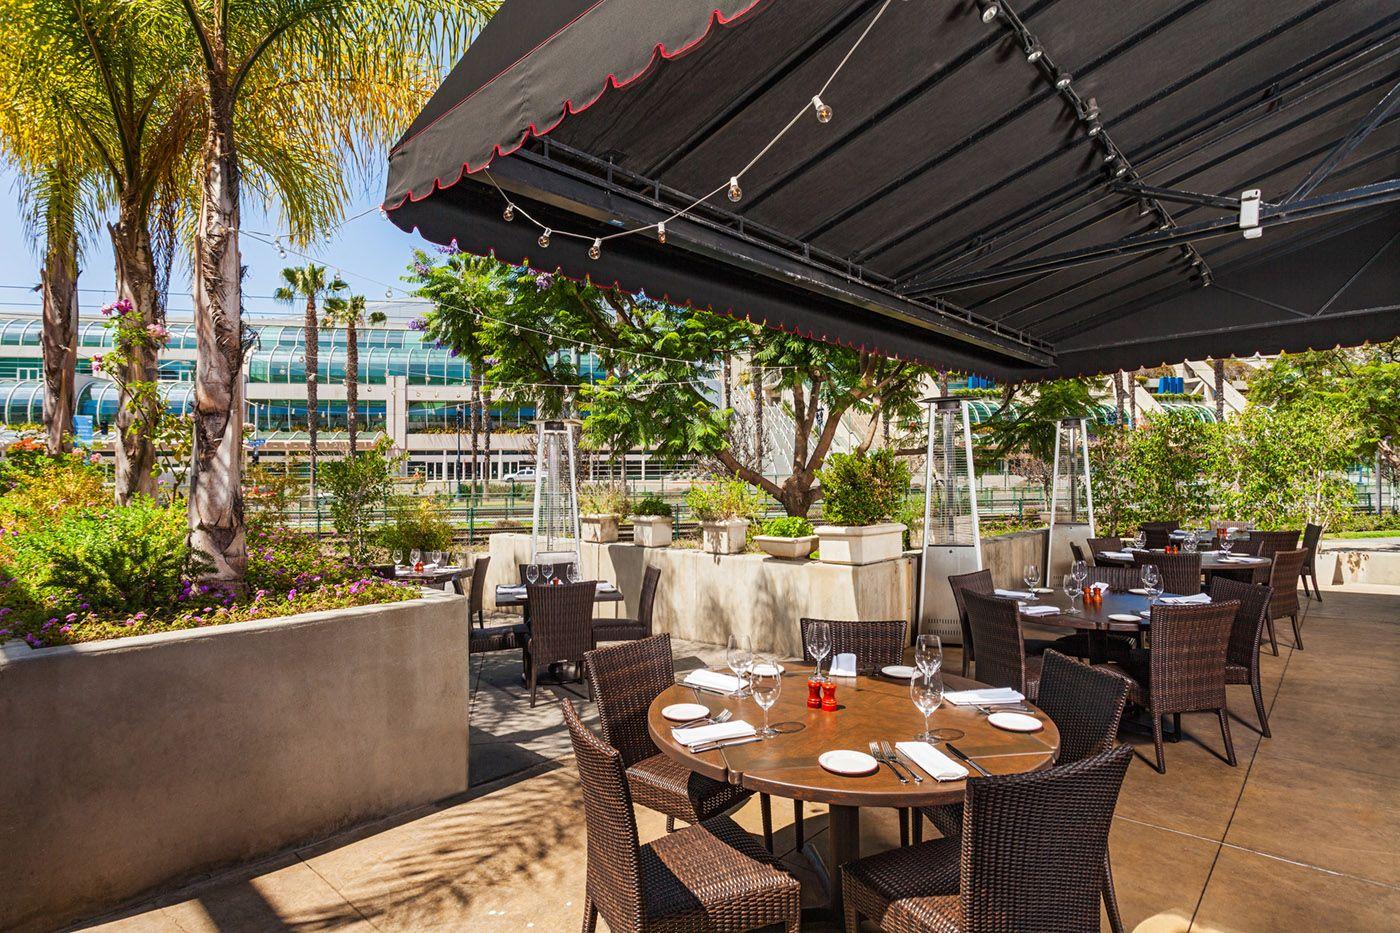 Restaurant Patios In San Diego   Design   Lou U0026 Mickeyu0027s At The Gaslamp